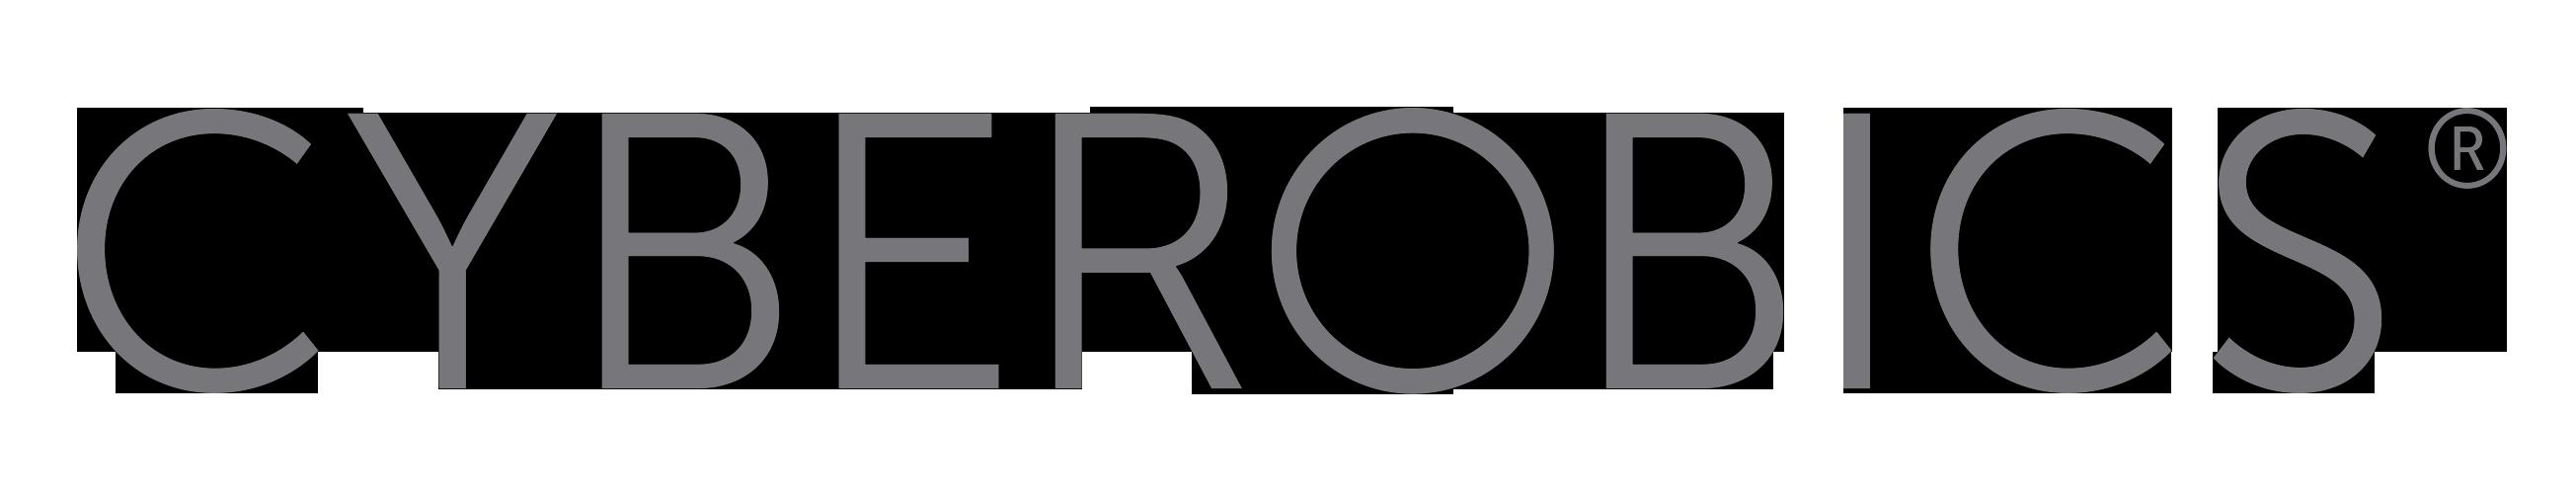 CYBEROBICS USA, LLC